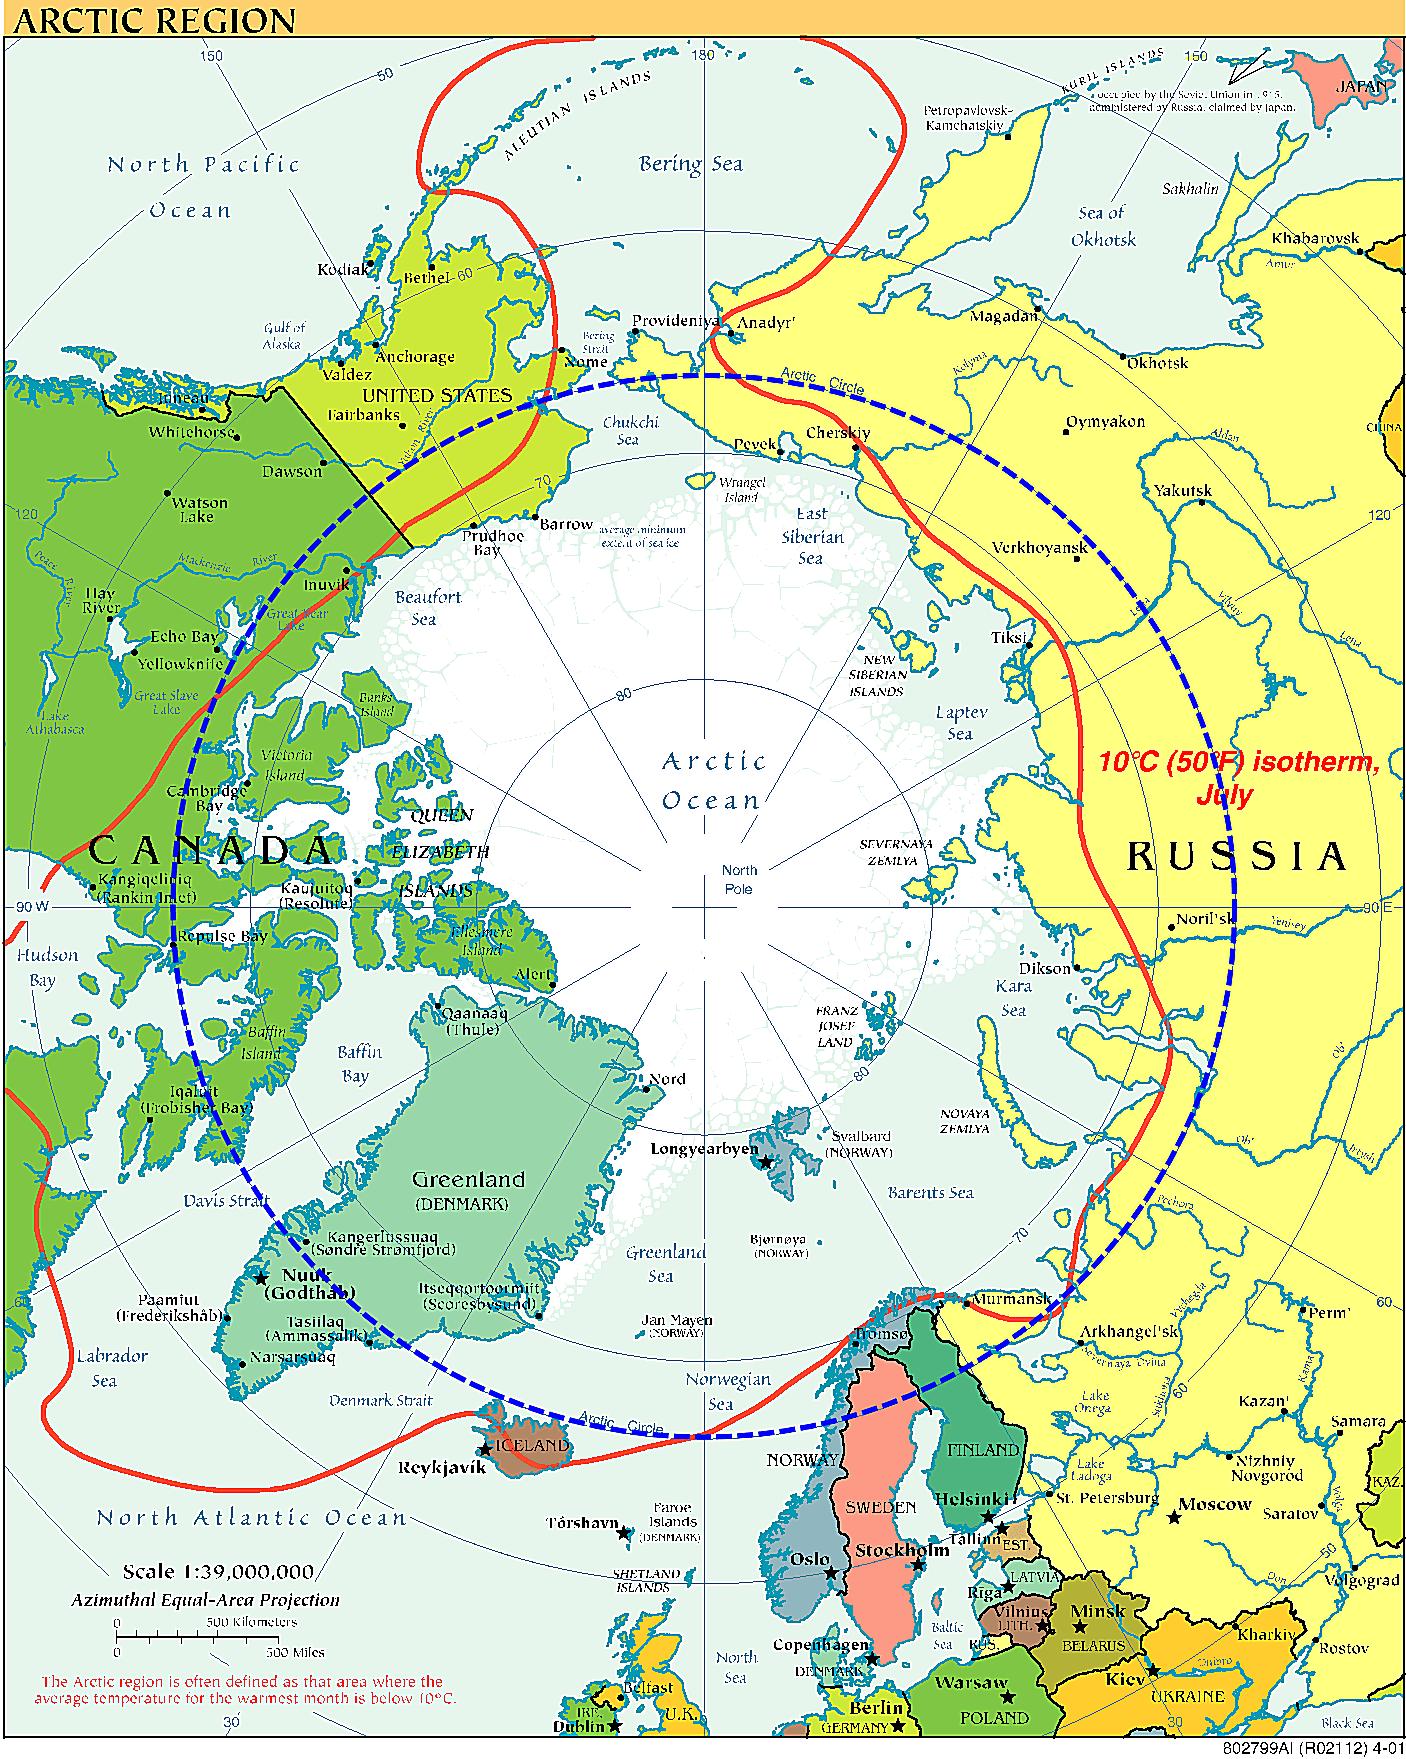 Learn About Where Polar Bears Live - Map of where polar bears live